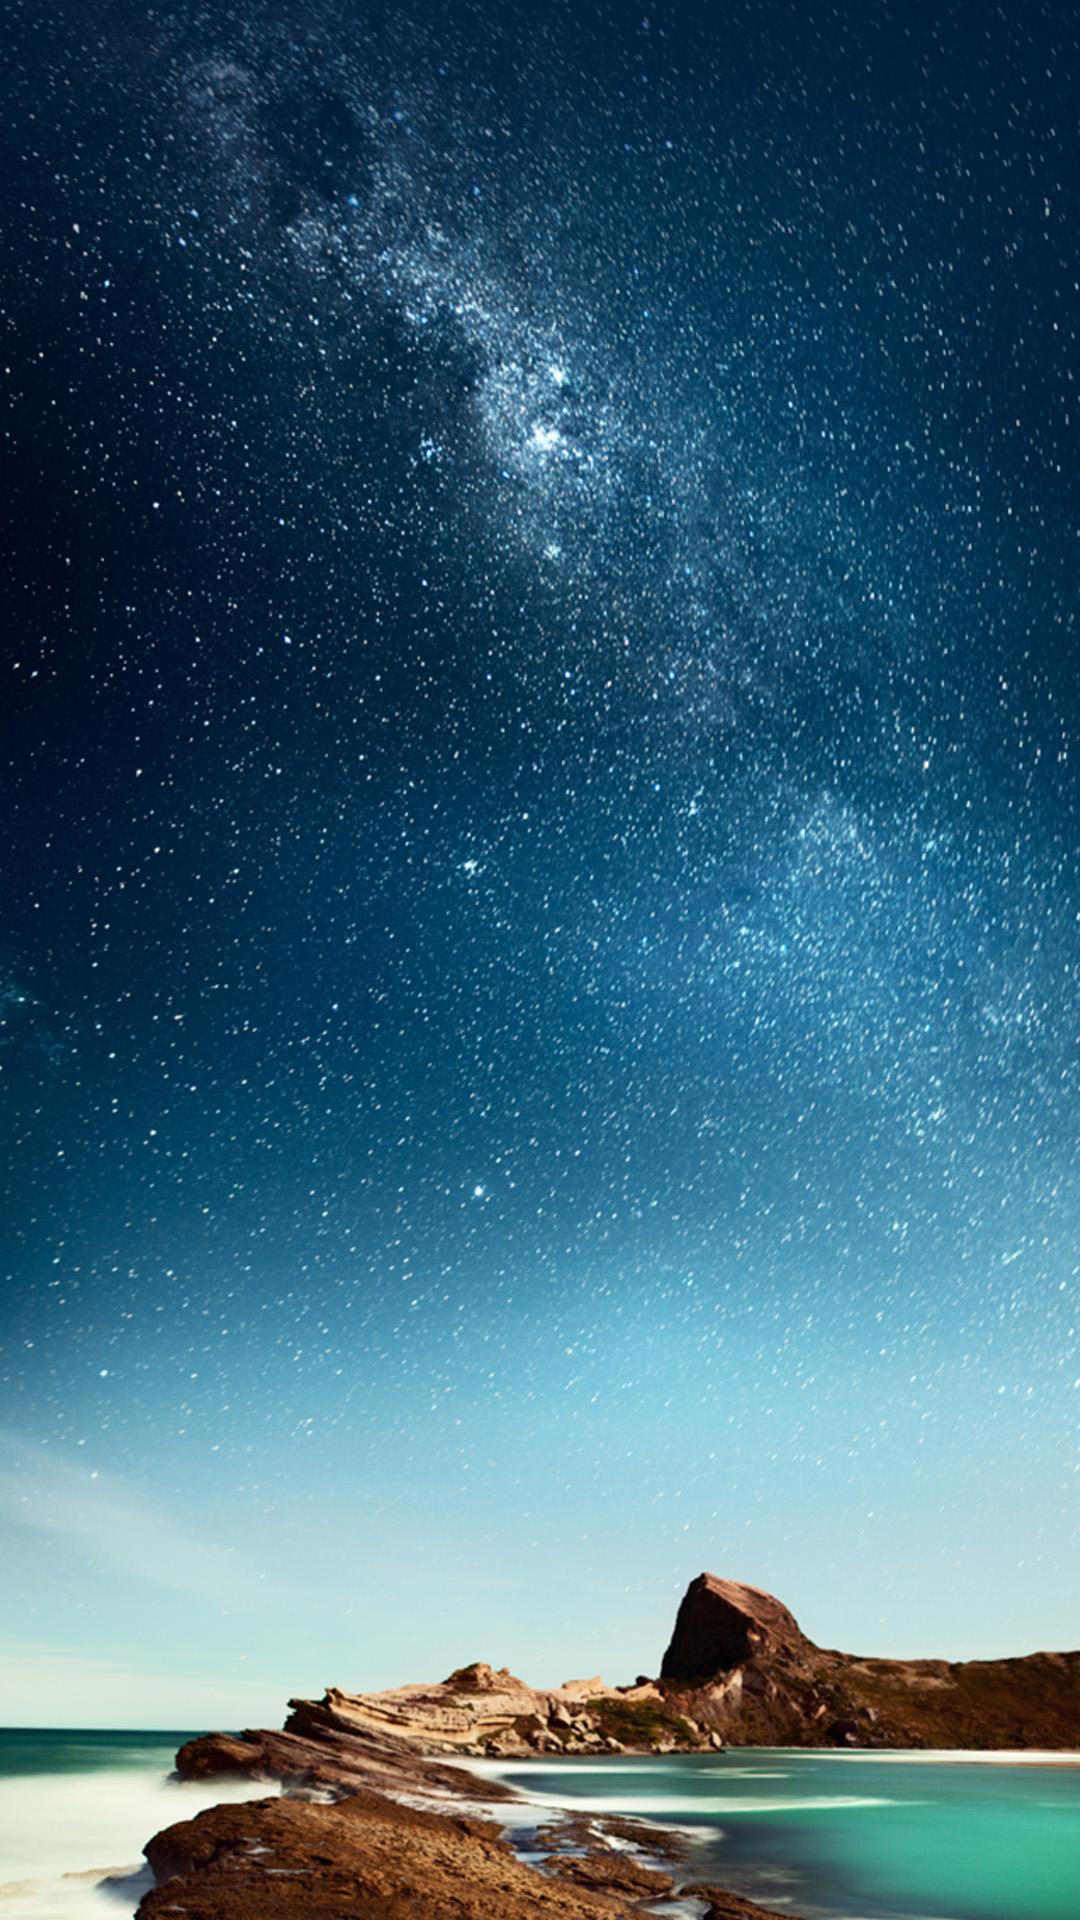 Starlight Android Wallpaper